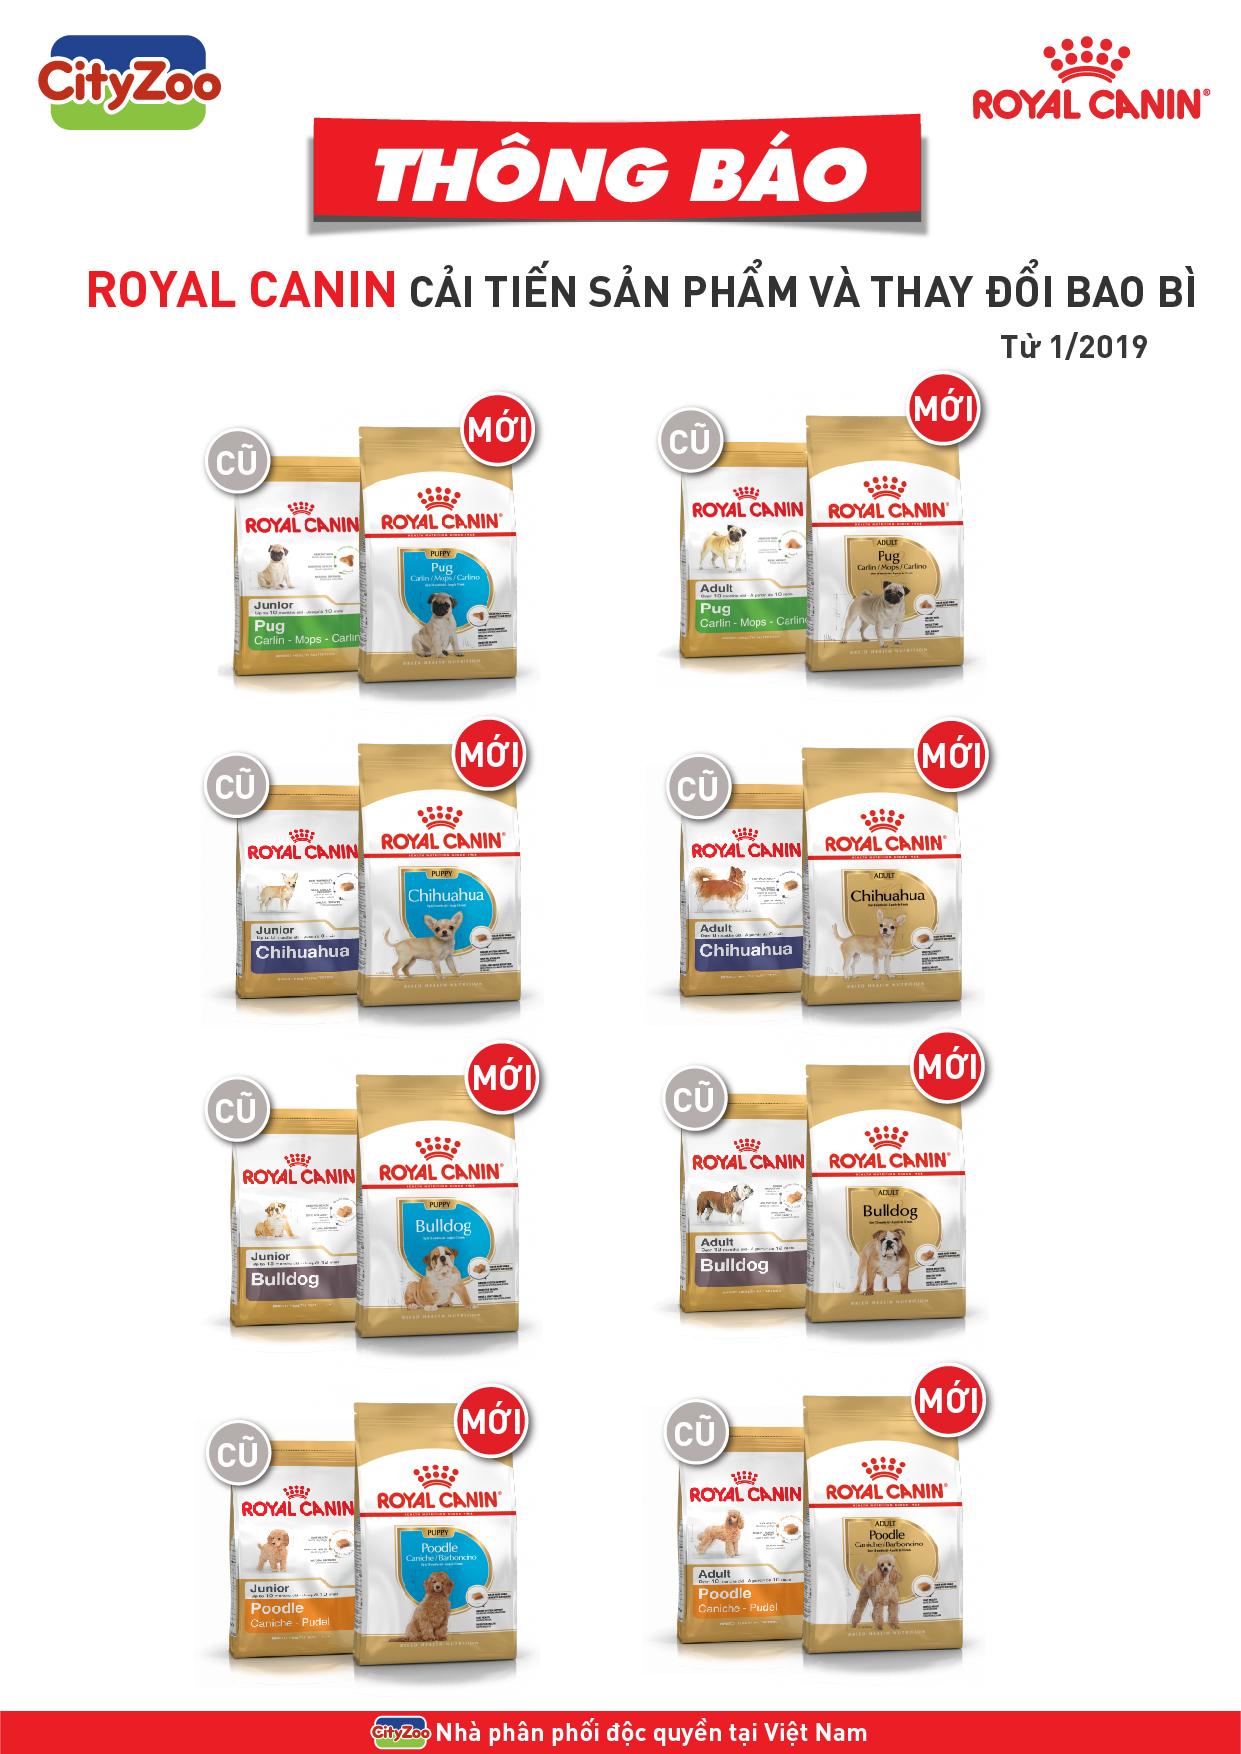 ROYAL CANIN cải tiến sản phẩm Junior thành Puppy và thay đổi bao bì sản phẩm Adult